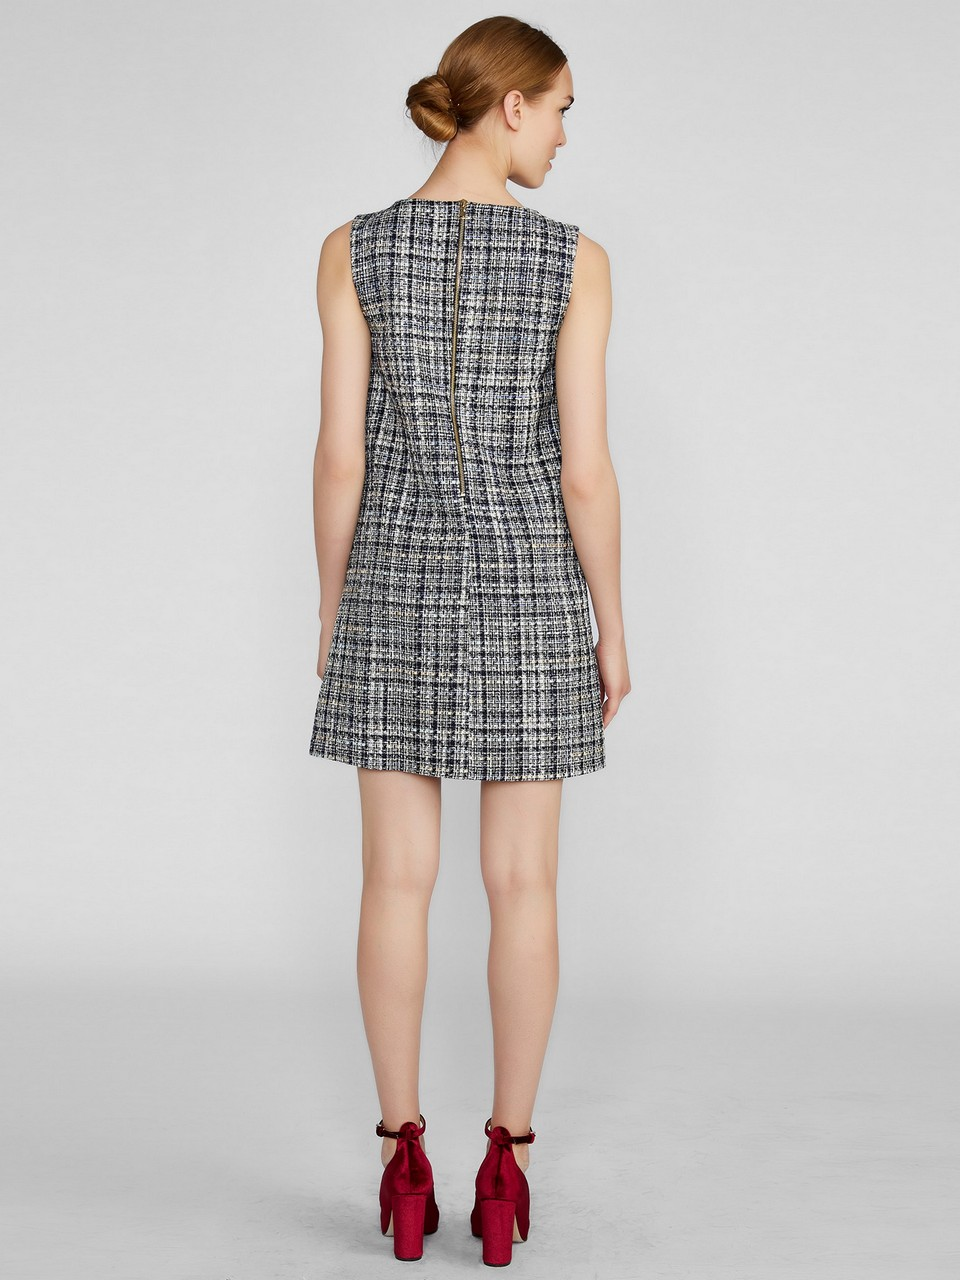 Sıfır Yaka Sıfır Kol Broşlu Mini Tüvit Elbise